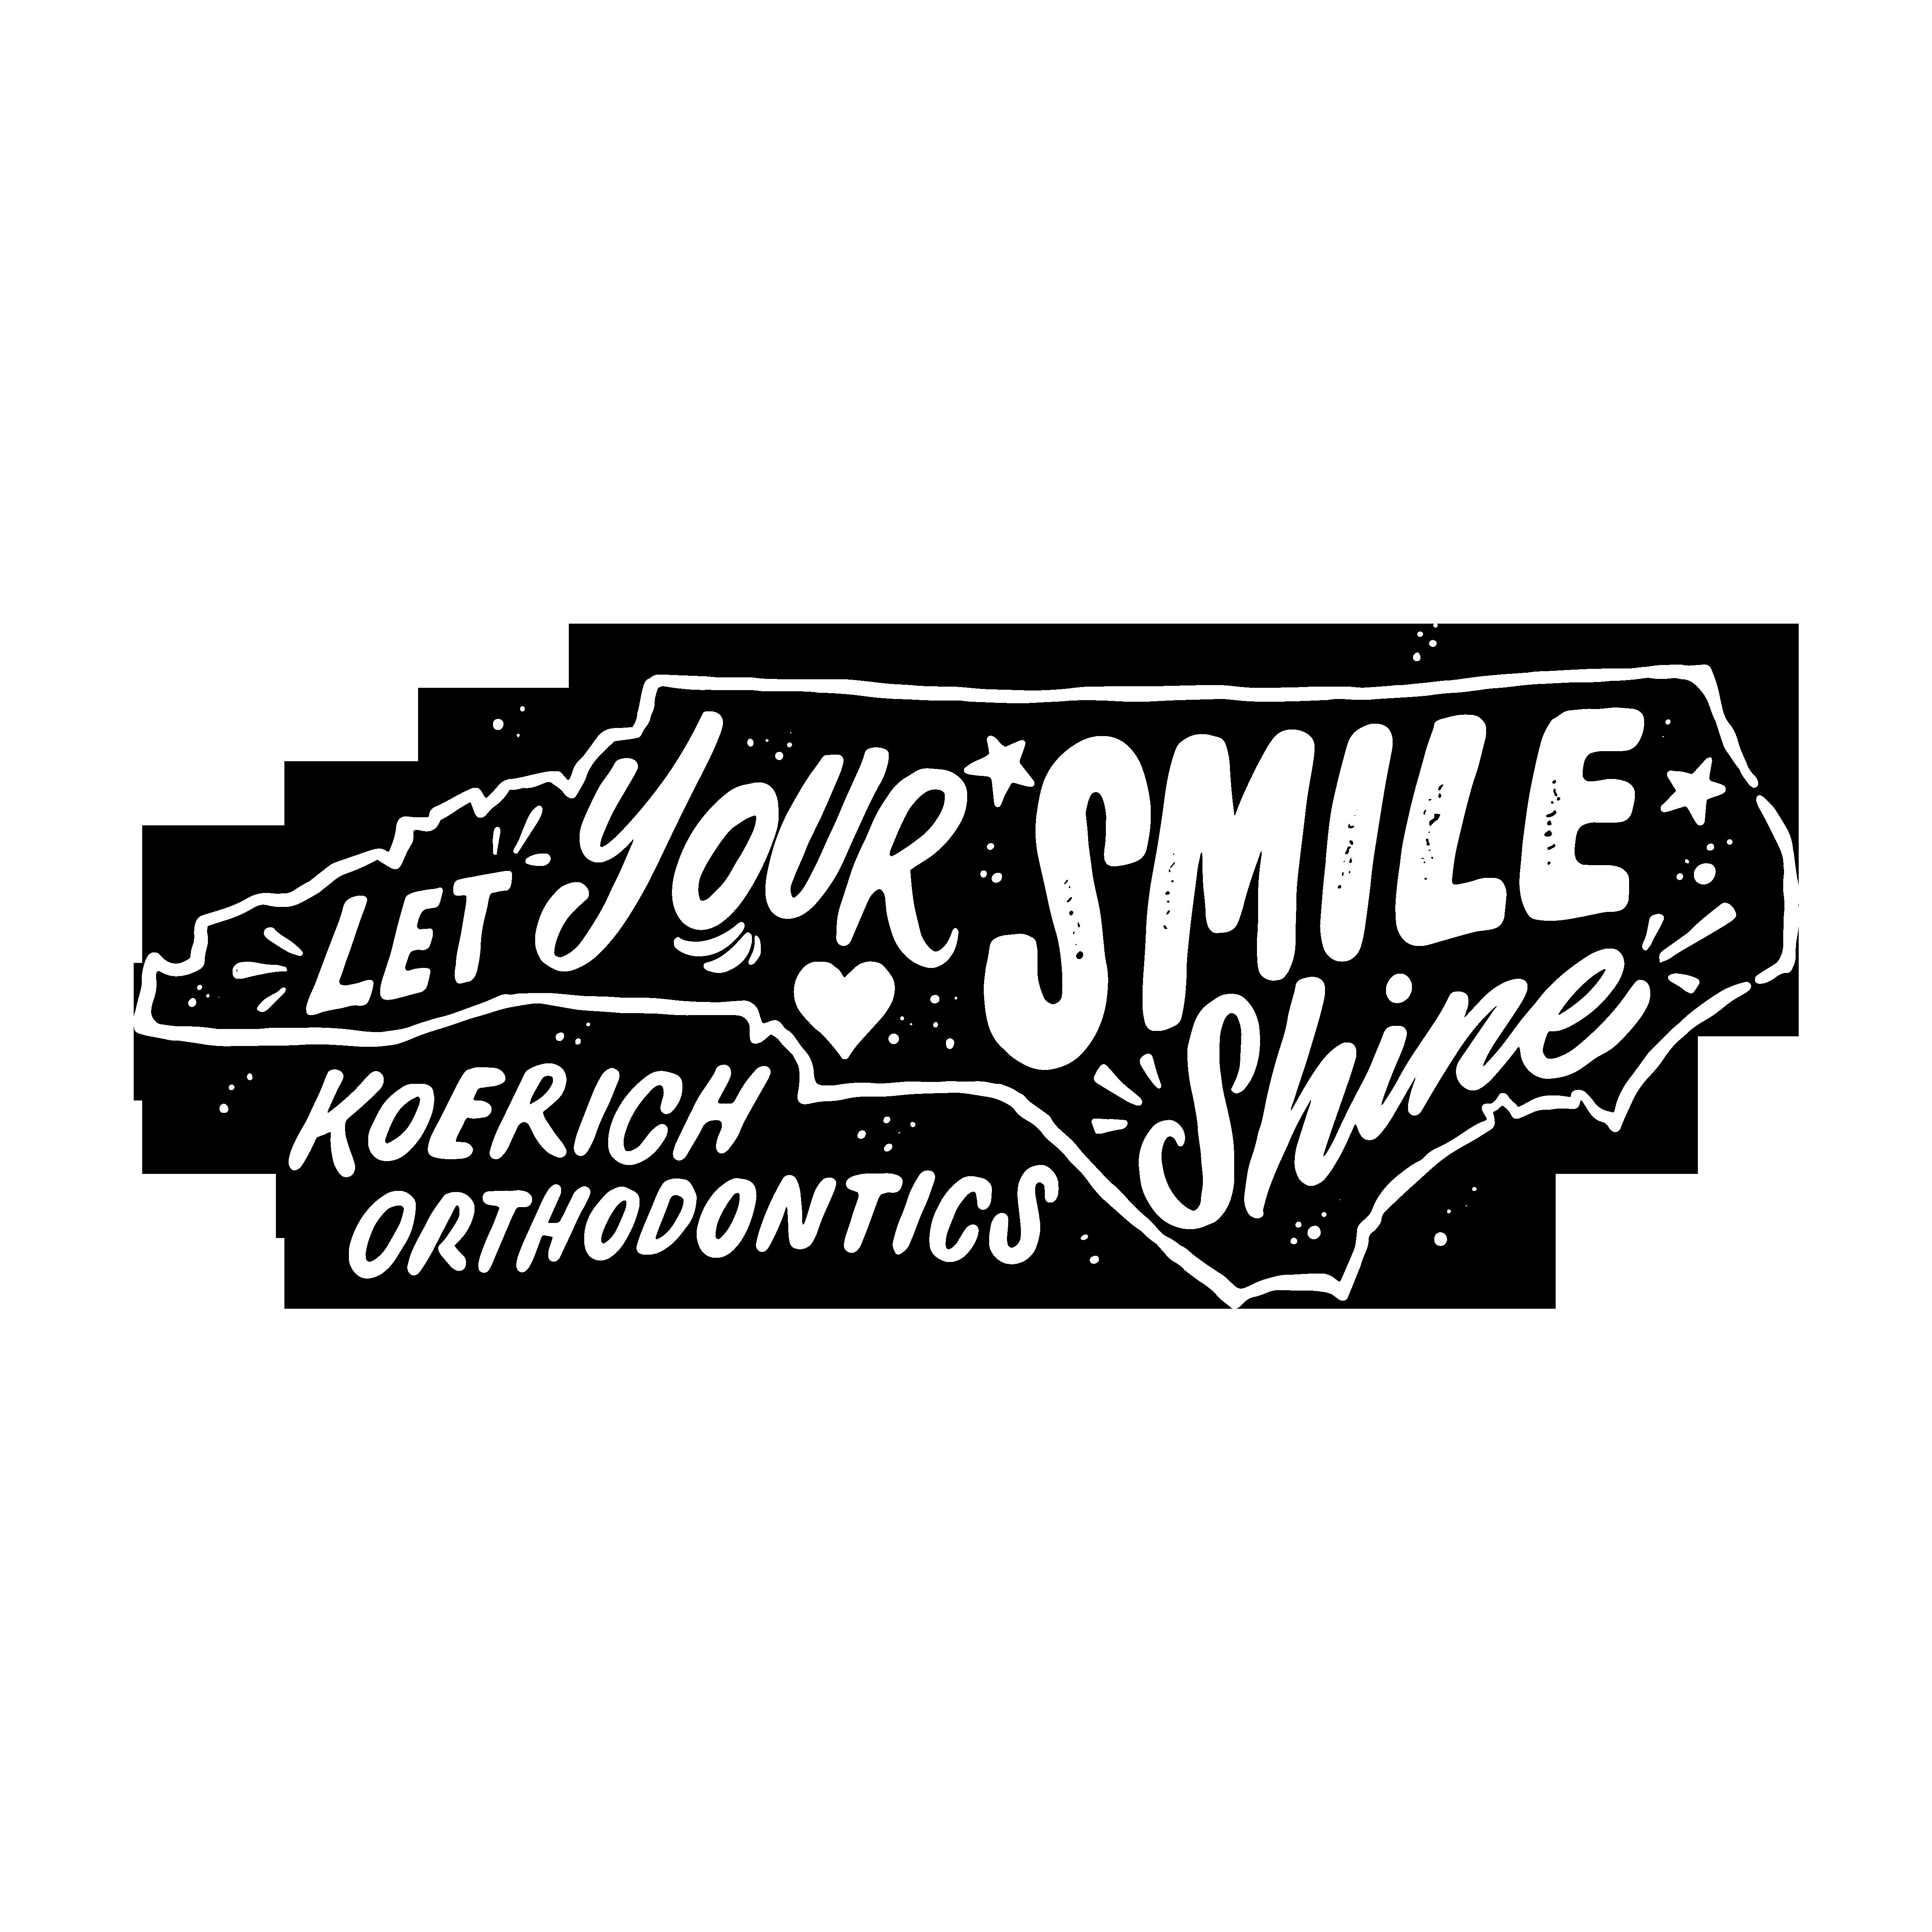 T-shirt for orthodontist office